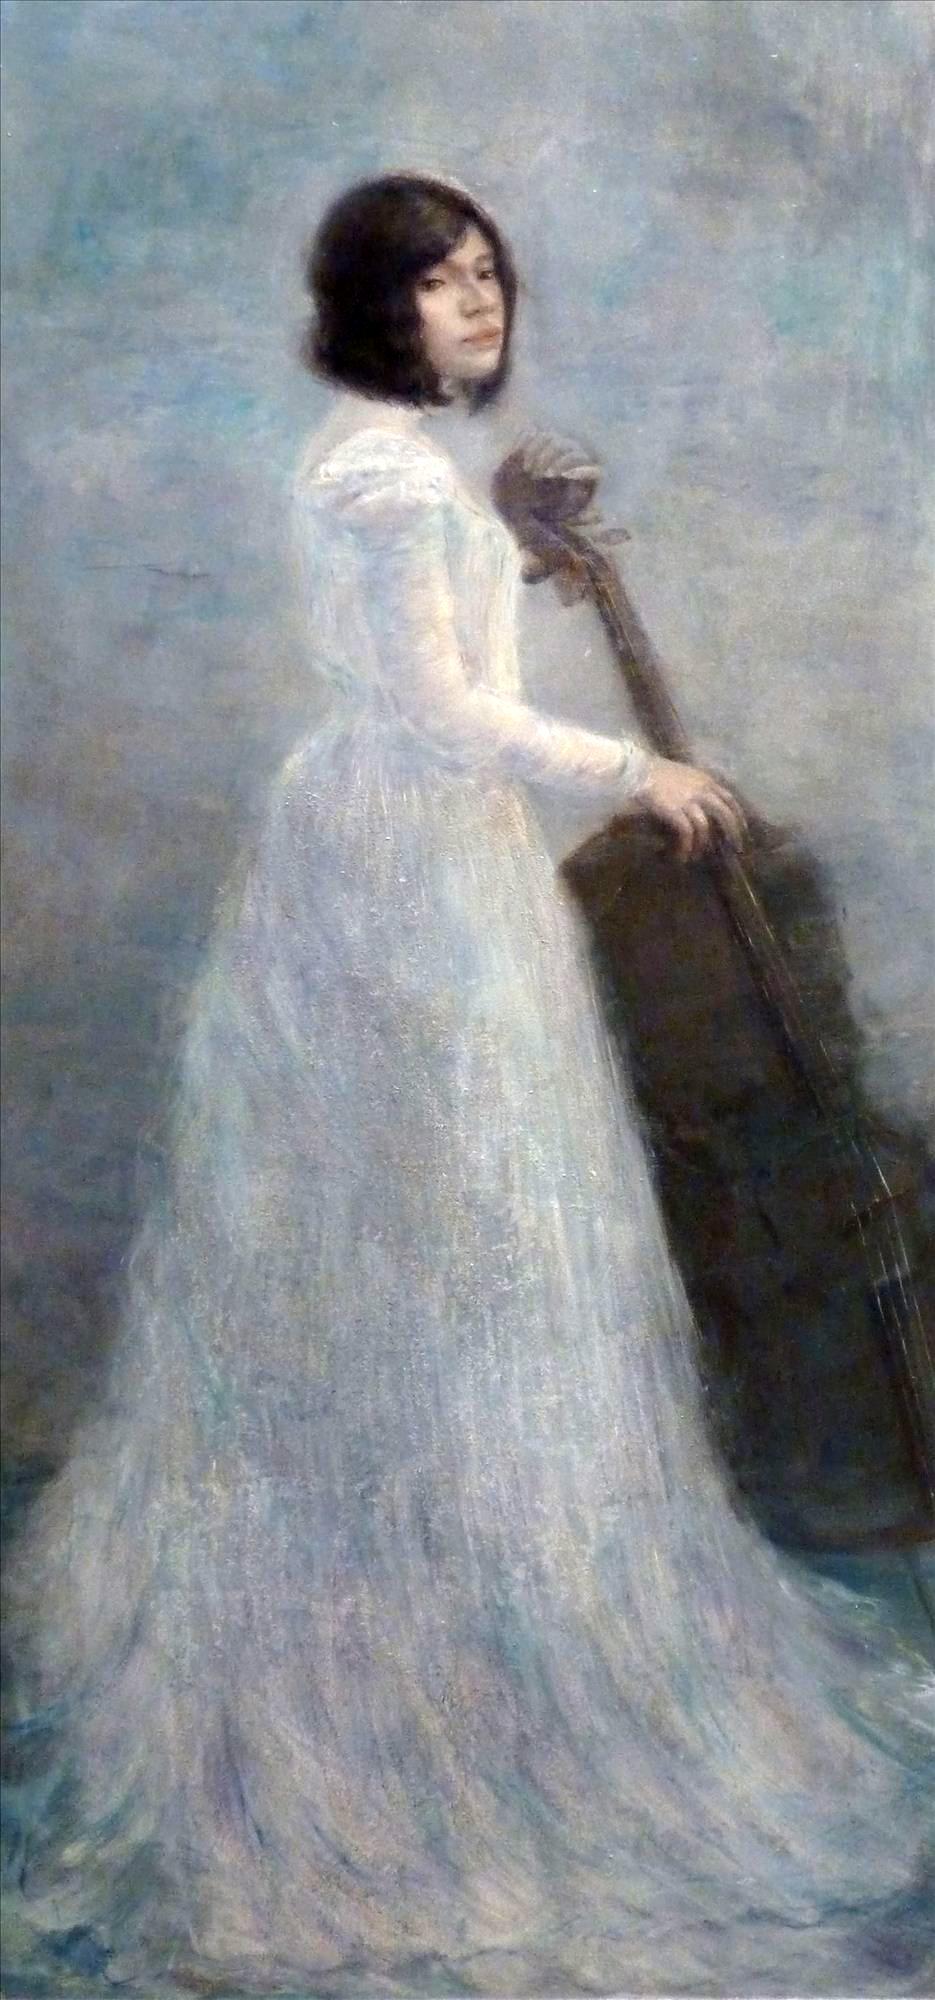 大提琴六级小协奏曲谱子